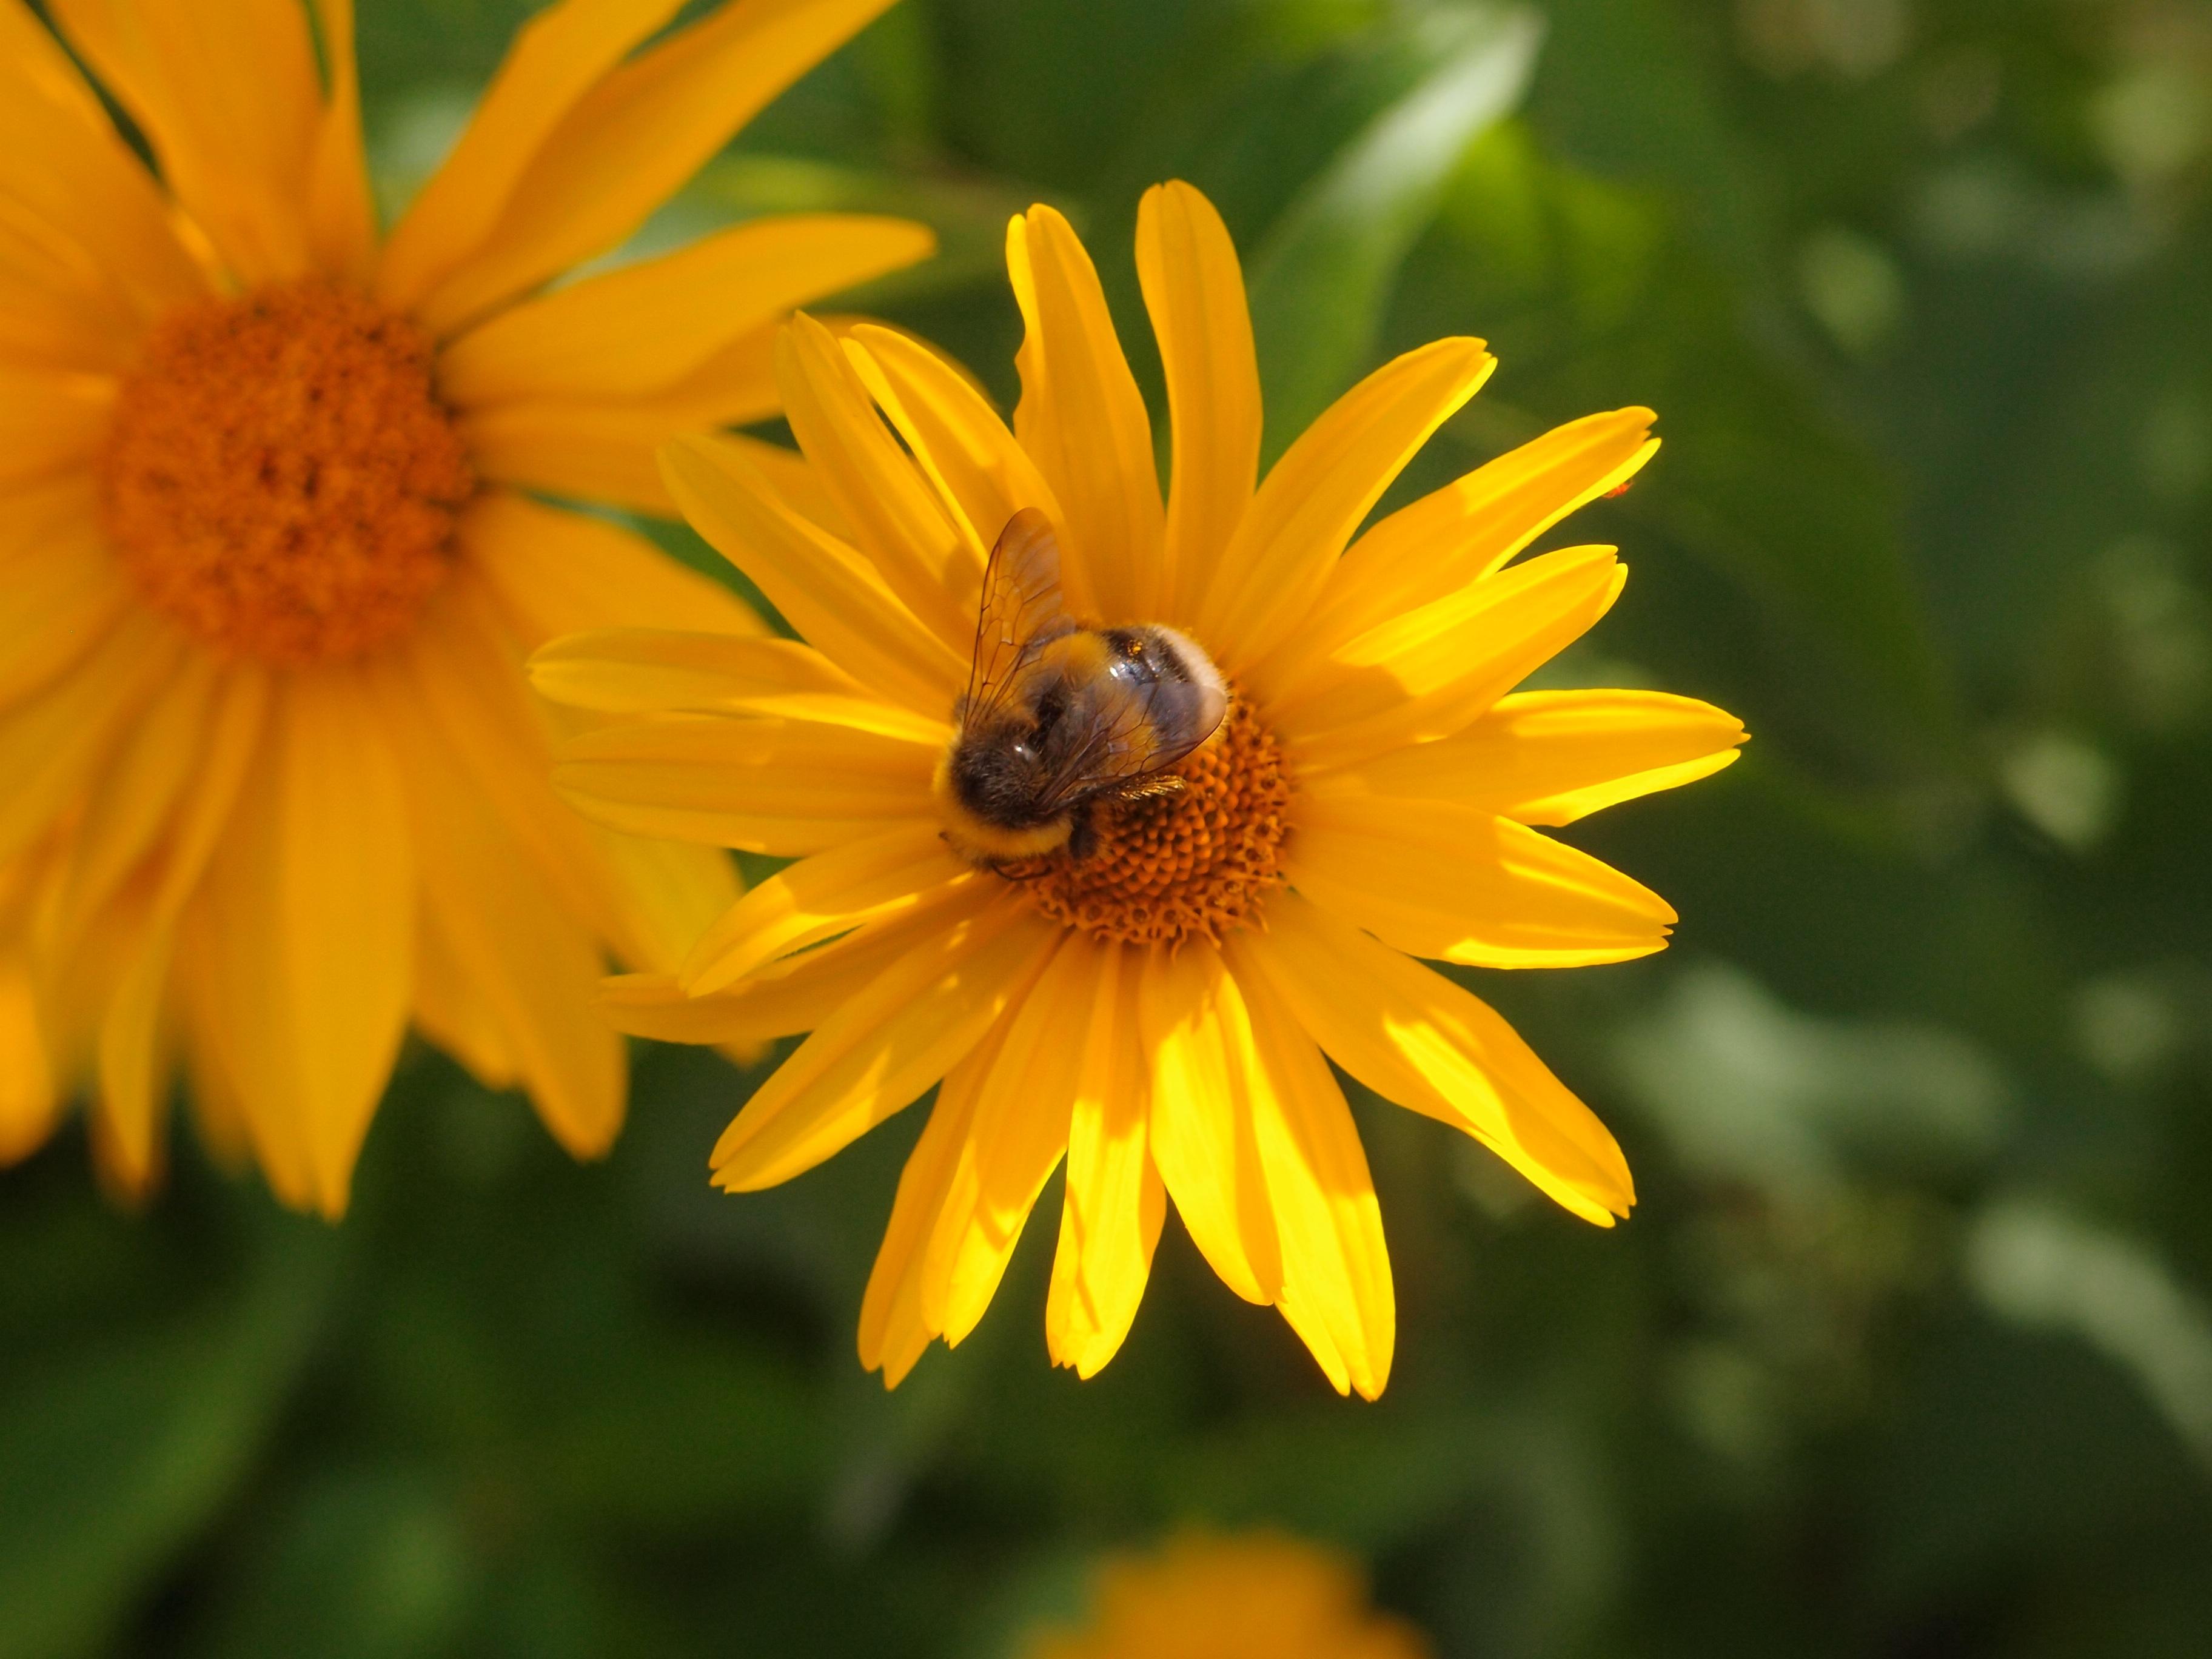 kostenlose foto natur wiese blume bl tenblatt g nsebl mchen kraut botanik gelb flora. Black Bedroom Furniture Sets. Home Design Ideas